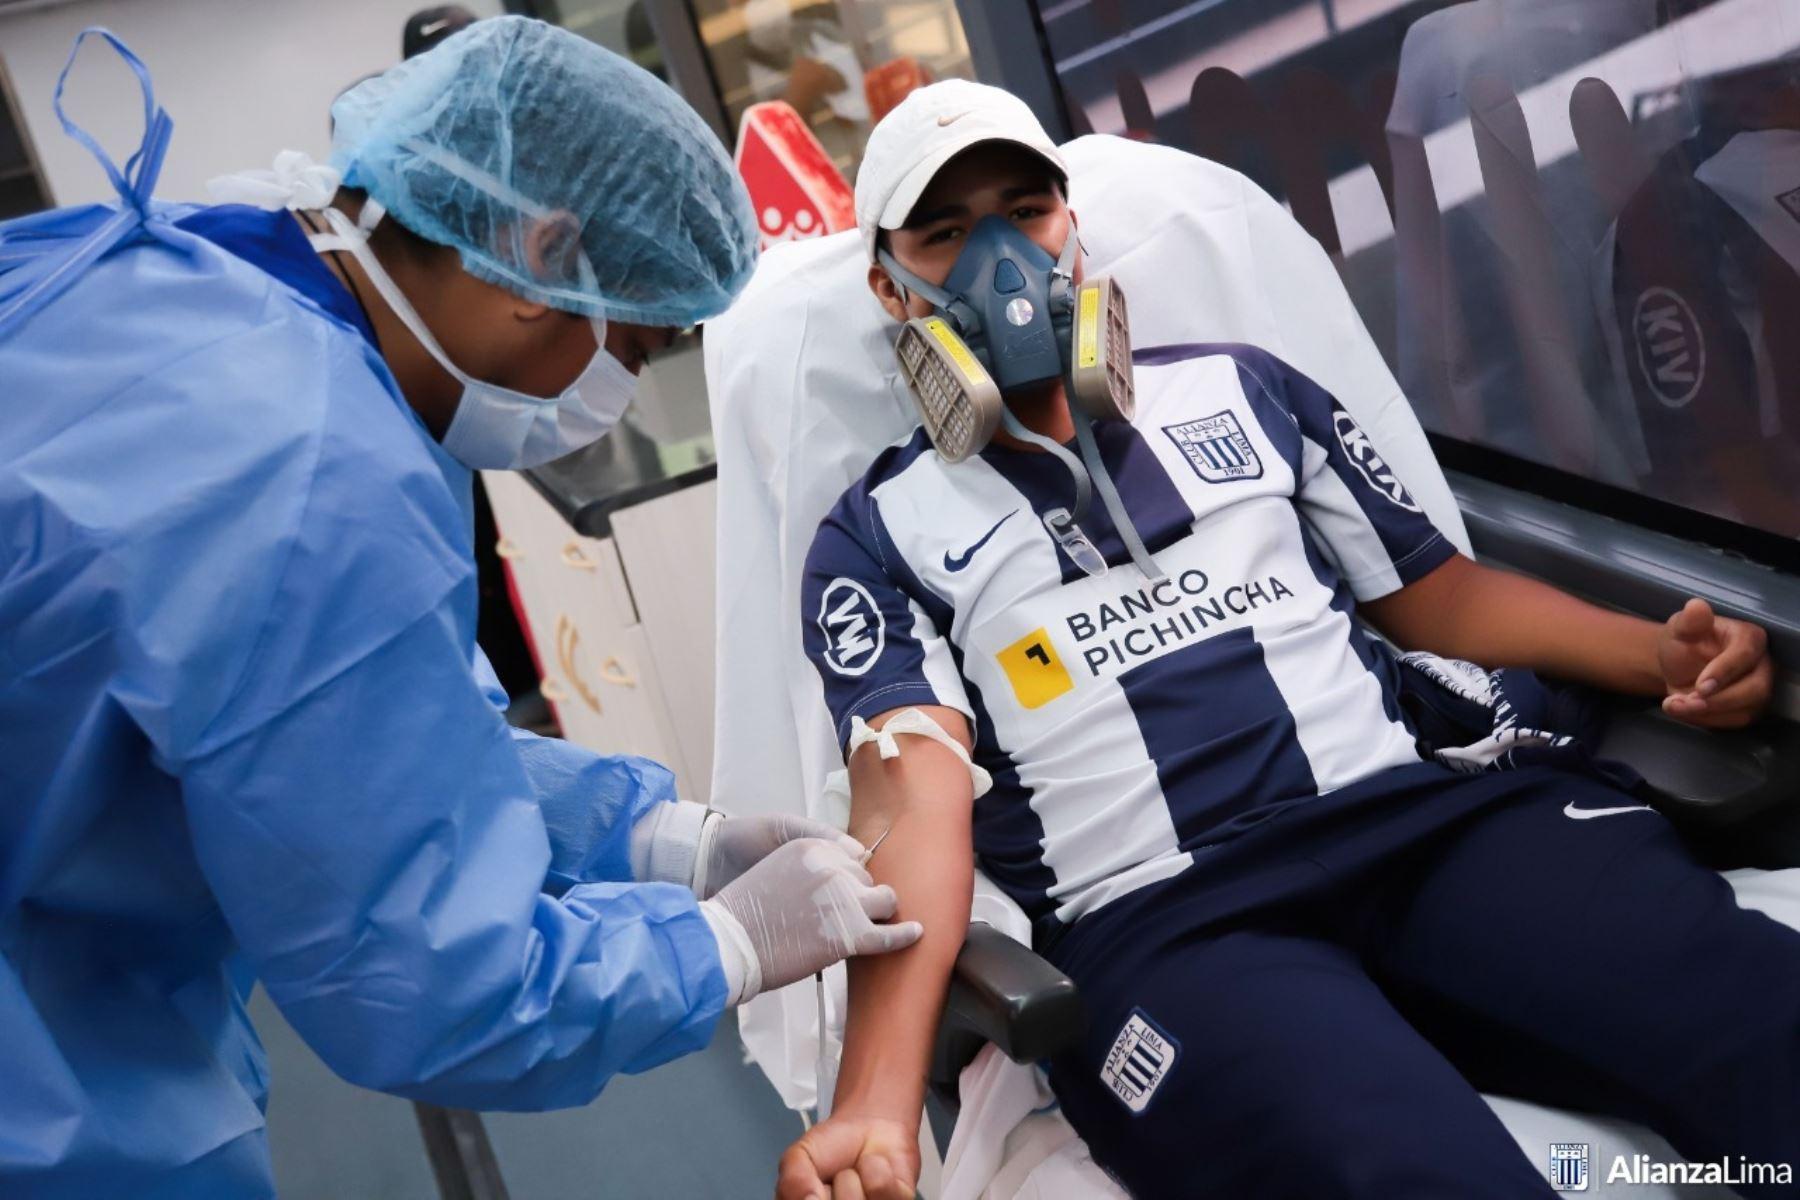 El Club Alianza Lima cedió la explanada del estadio Alejandro Villanueva para una campaña de donación de sangre dirigida a evitar el desabastecimiento de este insumo vital en tiempos de inmovilización social.